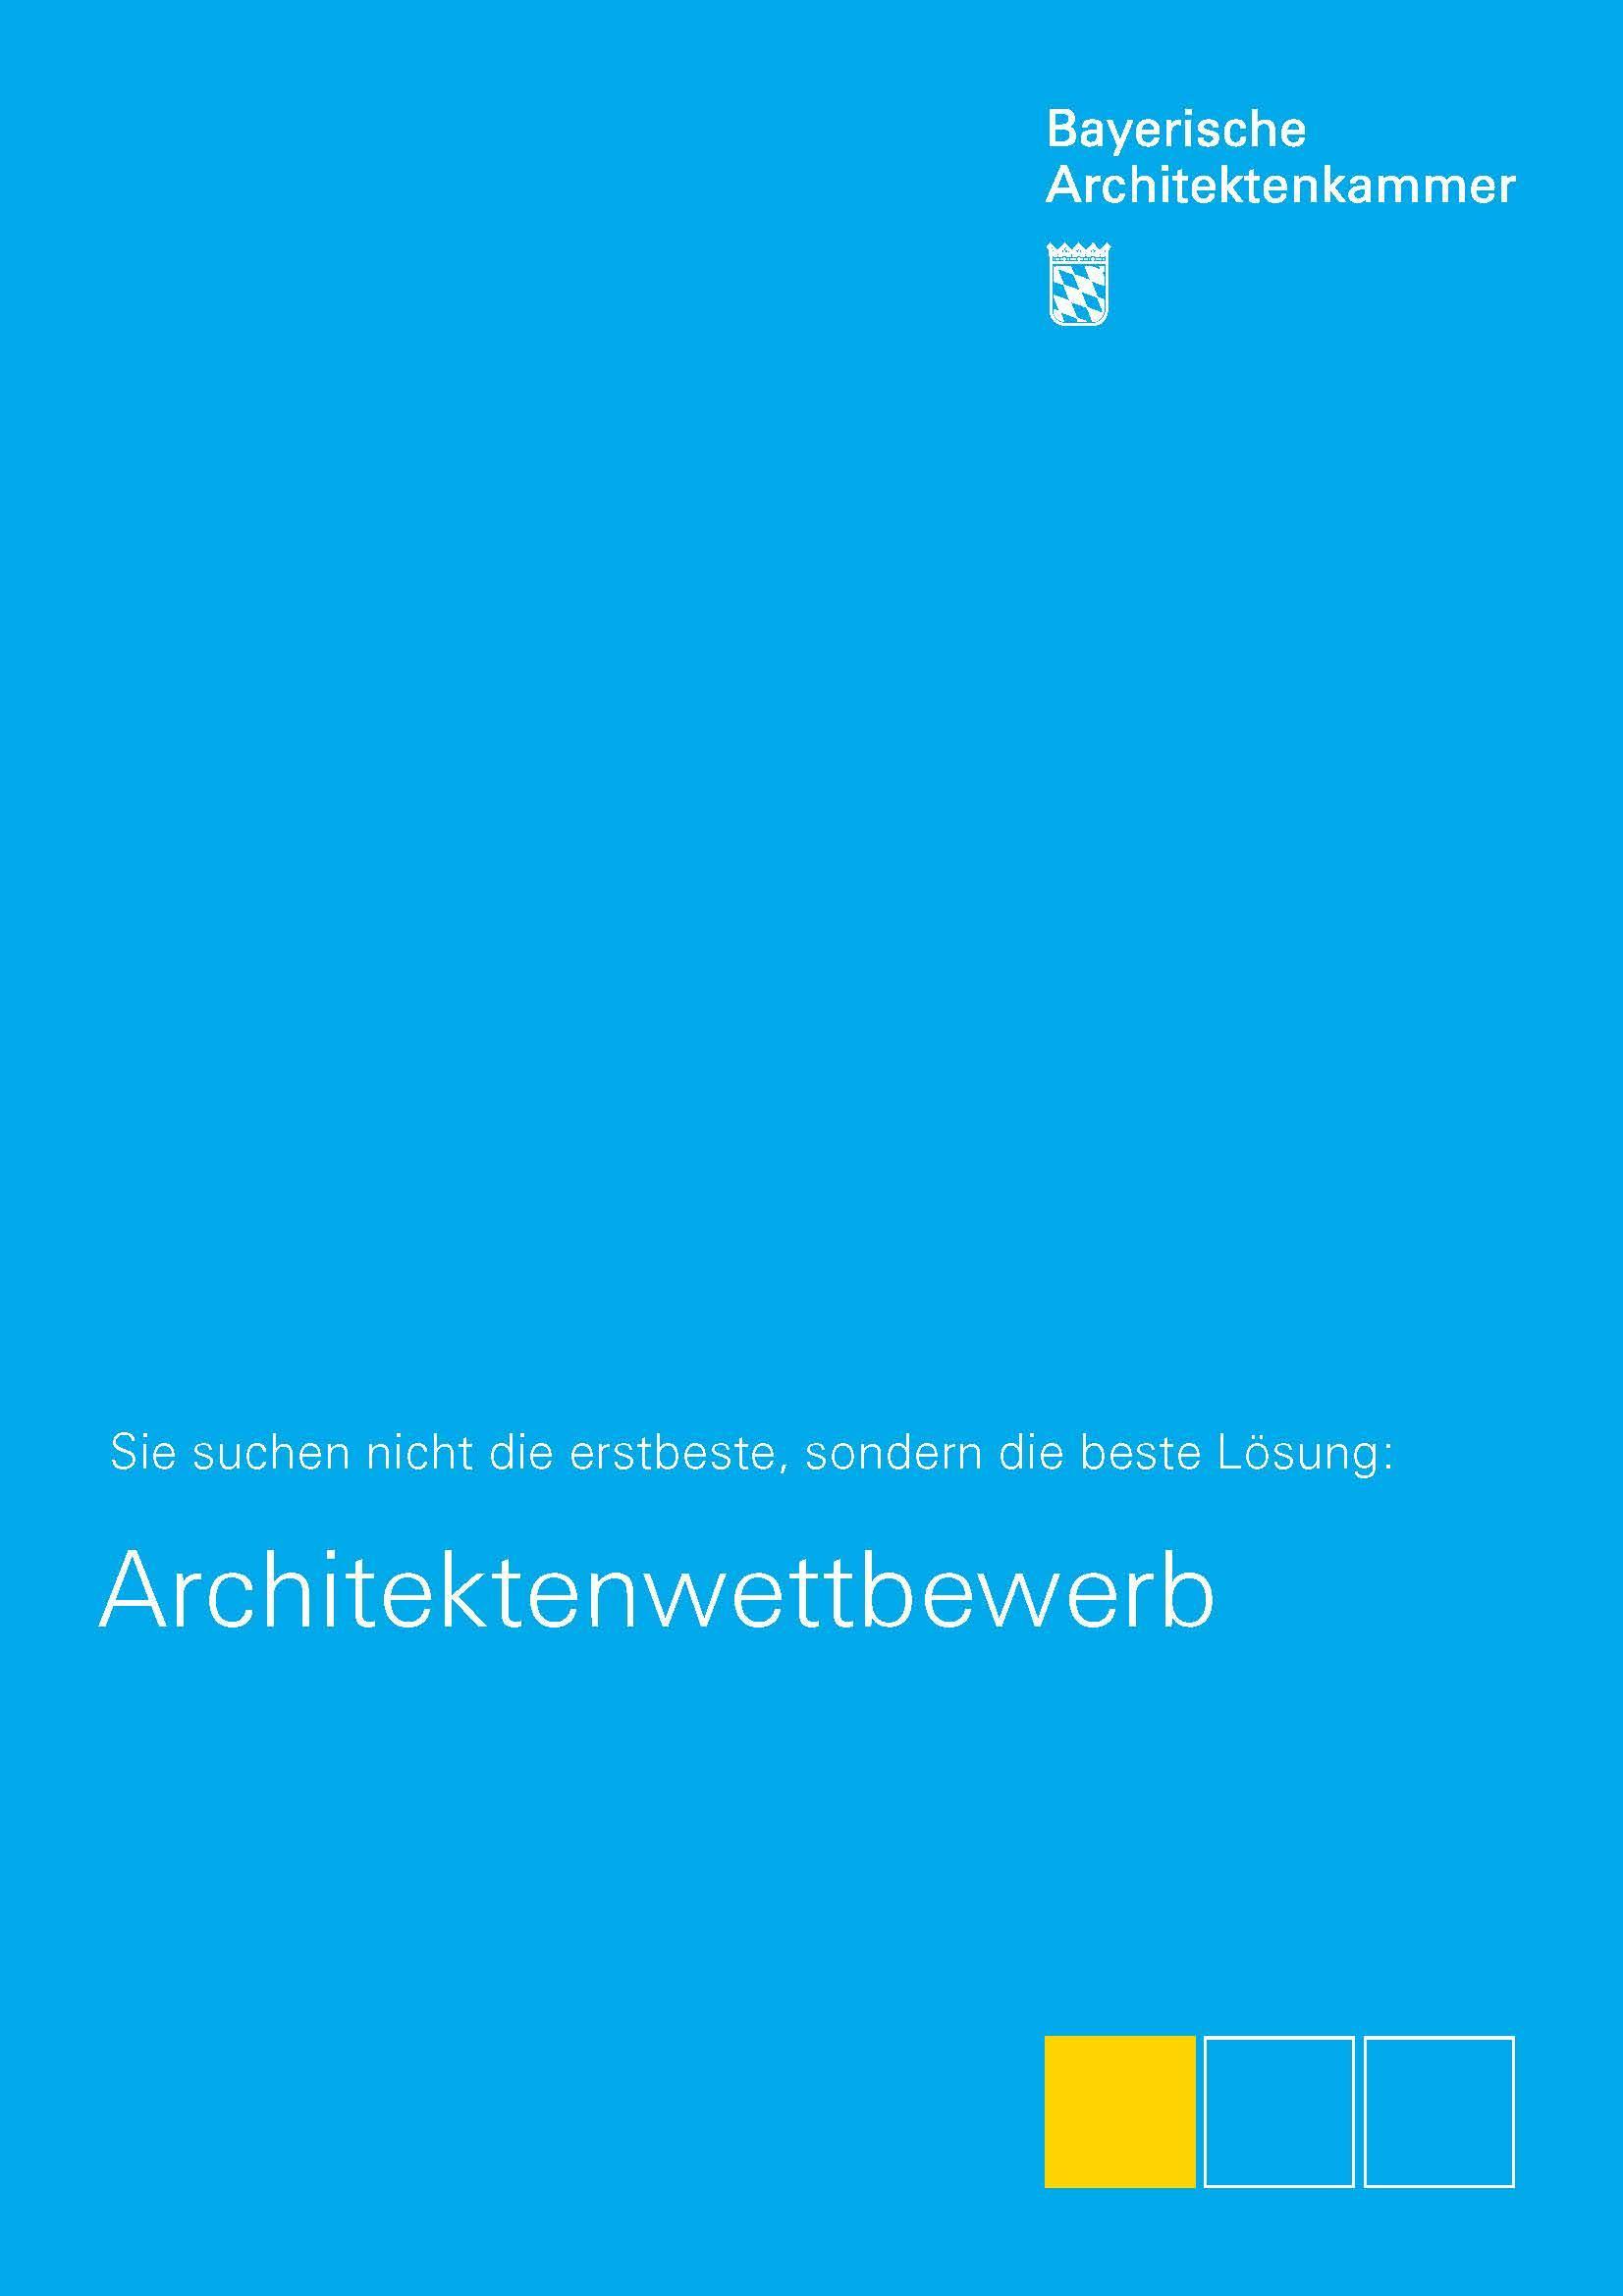 Arbeitsmaterialien Bayerische Architektenkammer